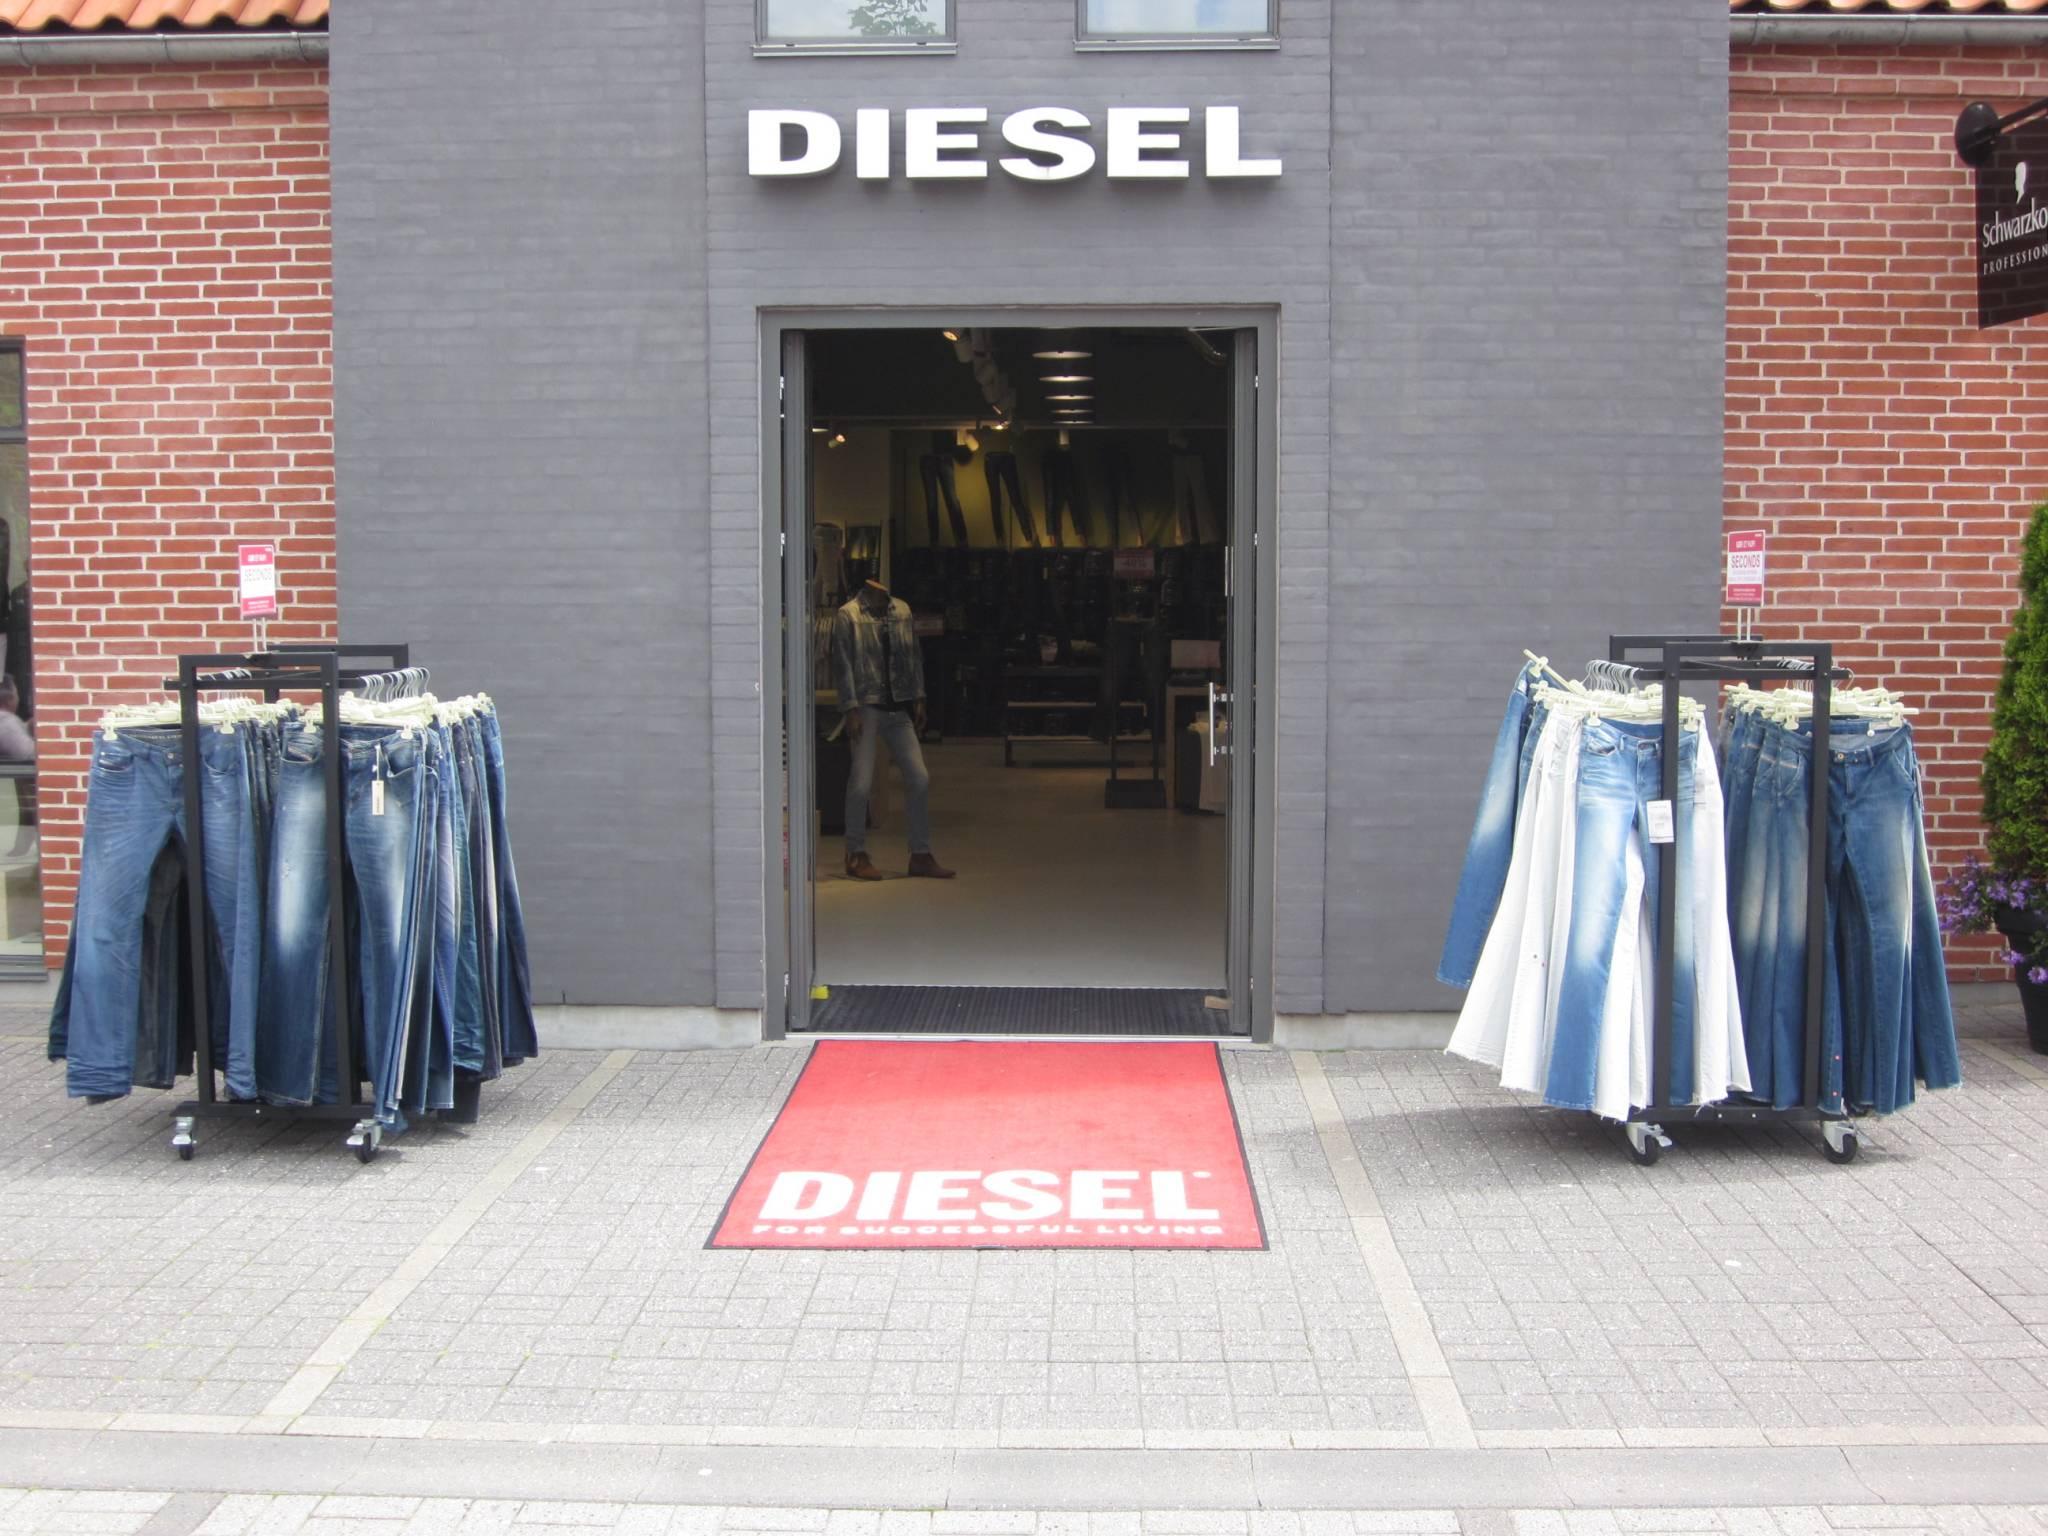 Gadestativer med Jeans, stort udvalg af gadestativ, gadebord, mannequinvogn og gadekassette. Butiksinventar